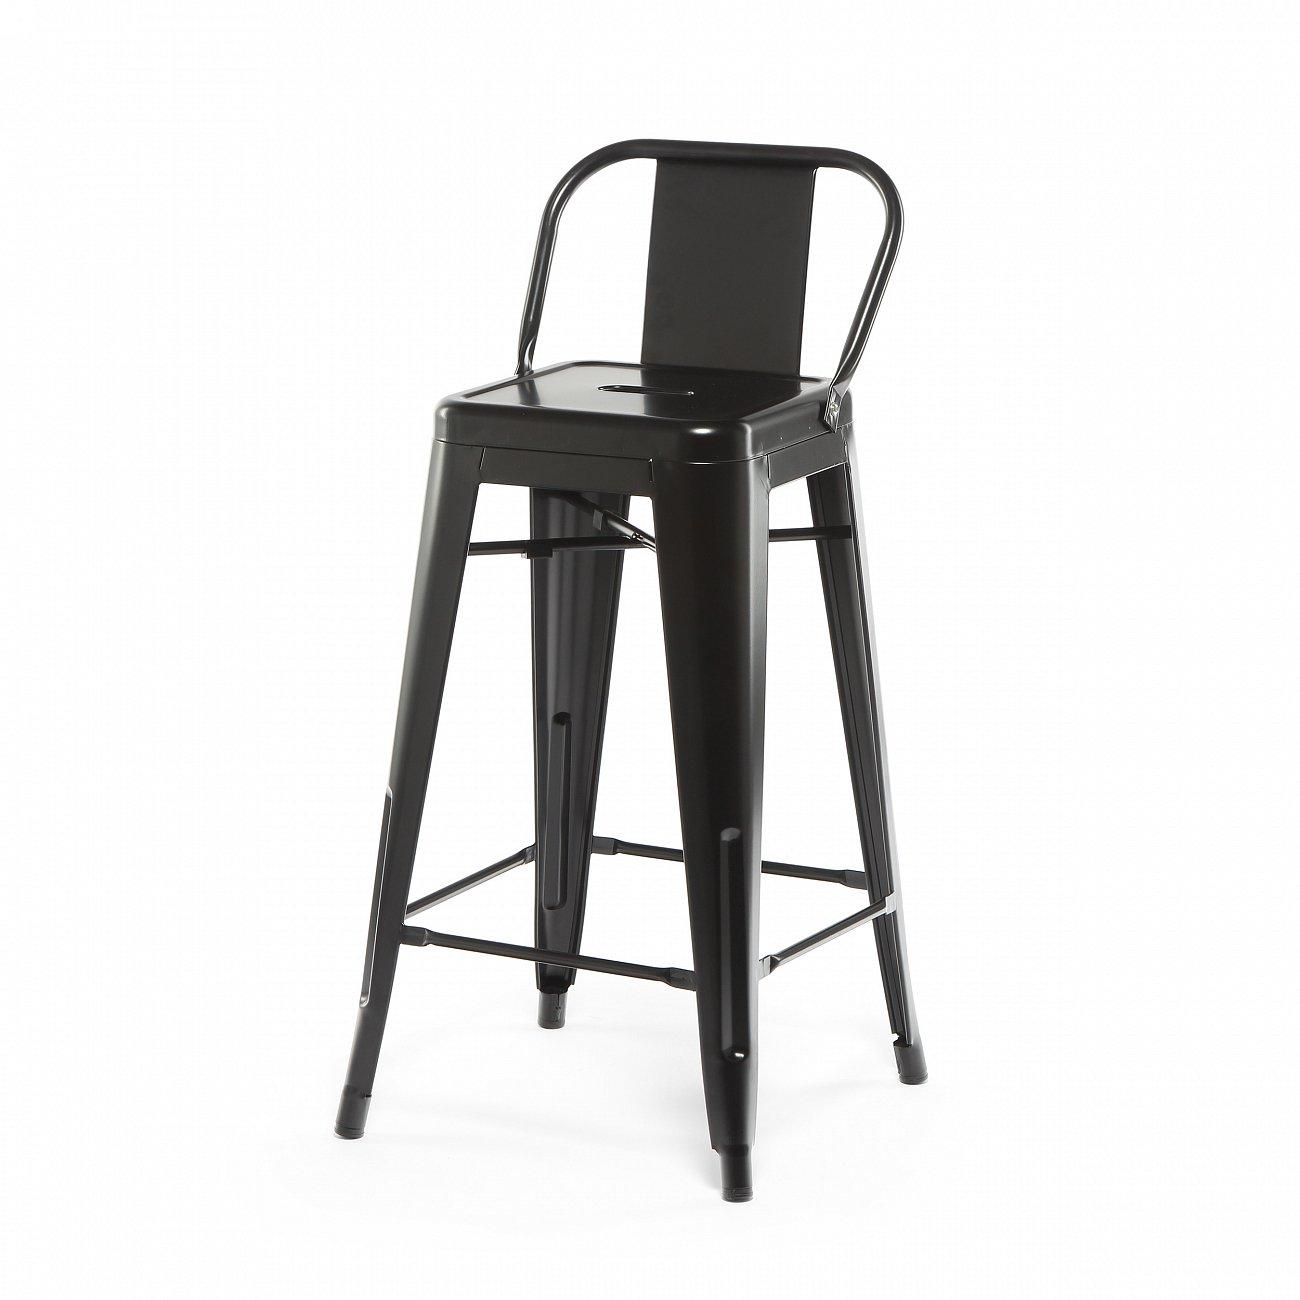 Купить Барный стул Marais Color со спинкой Чёрный в интернет магазине дизайнерской мебели и аксессуаров для дома и дачи